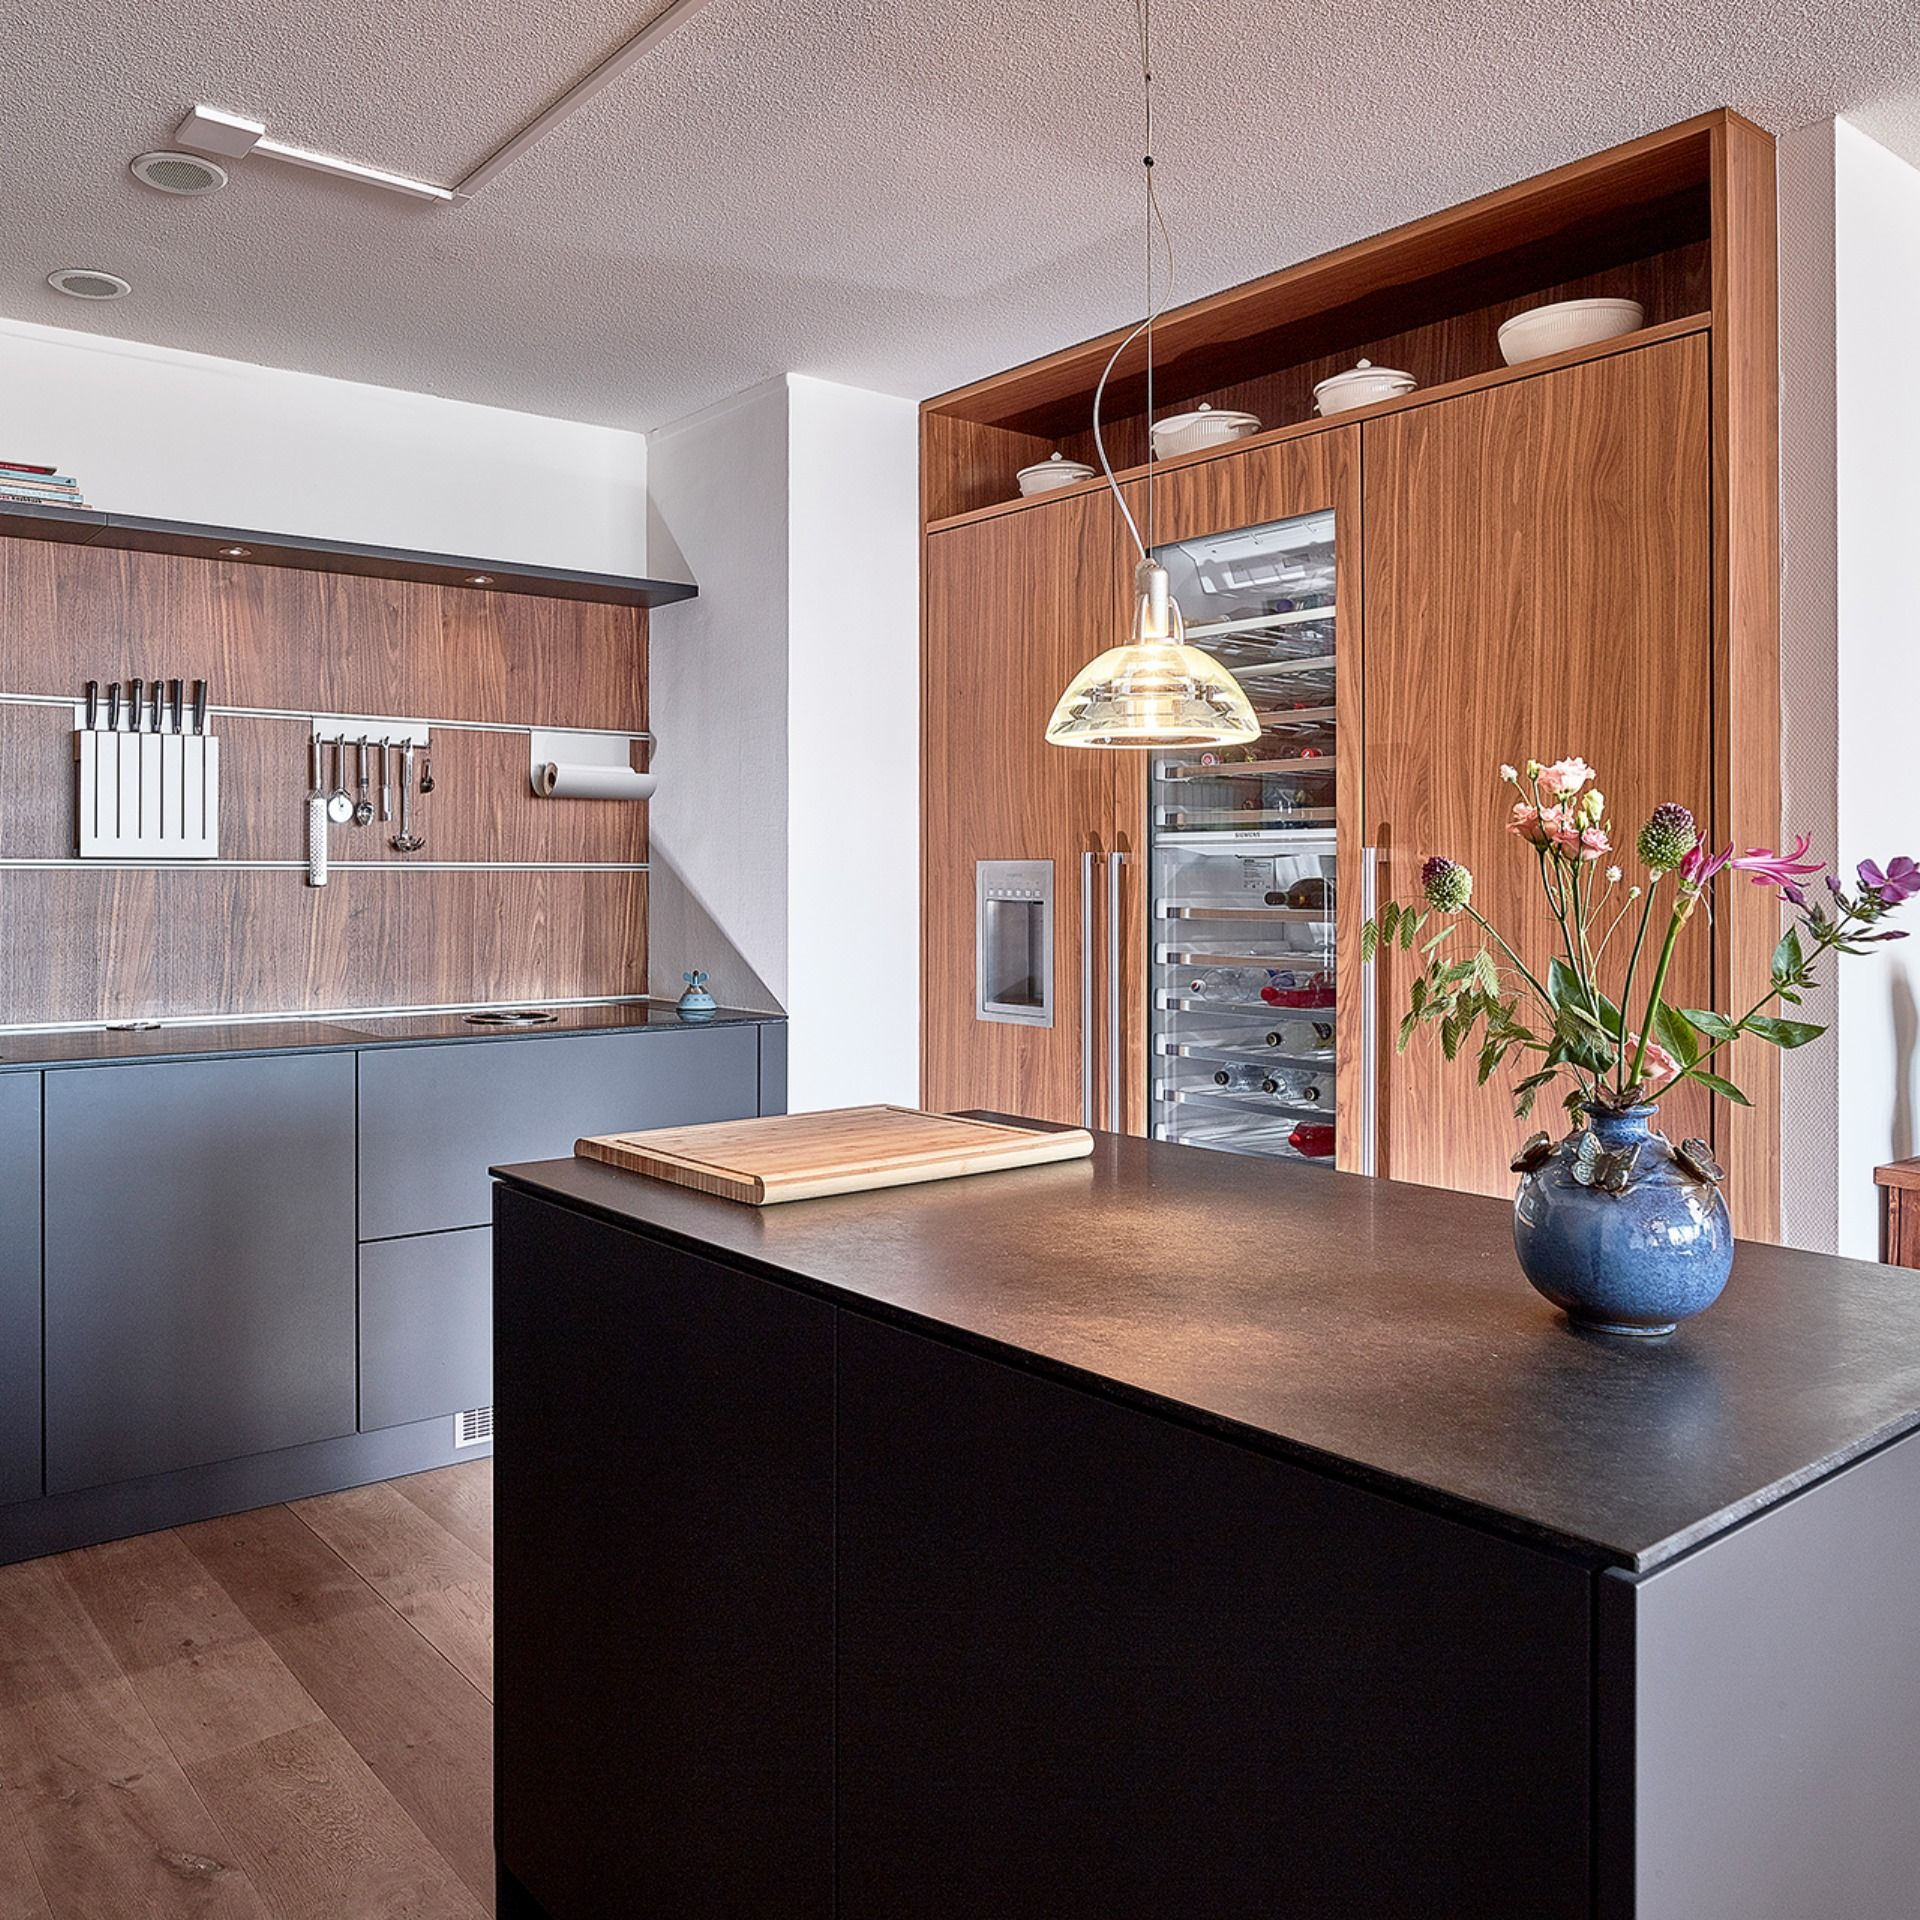 Hier zeigen wir eine edle, Uförmige Küche mit Insel von